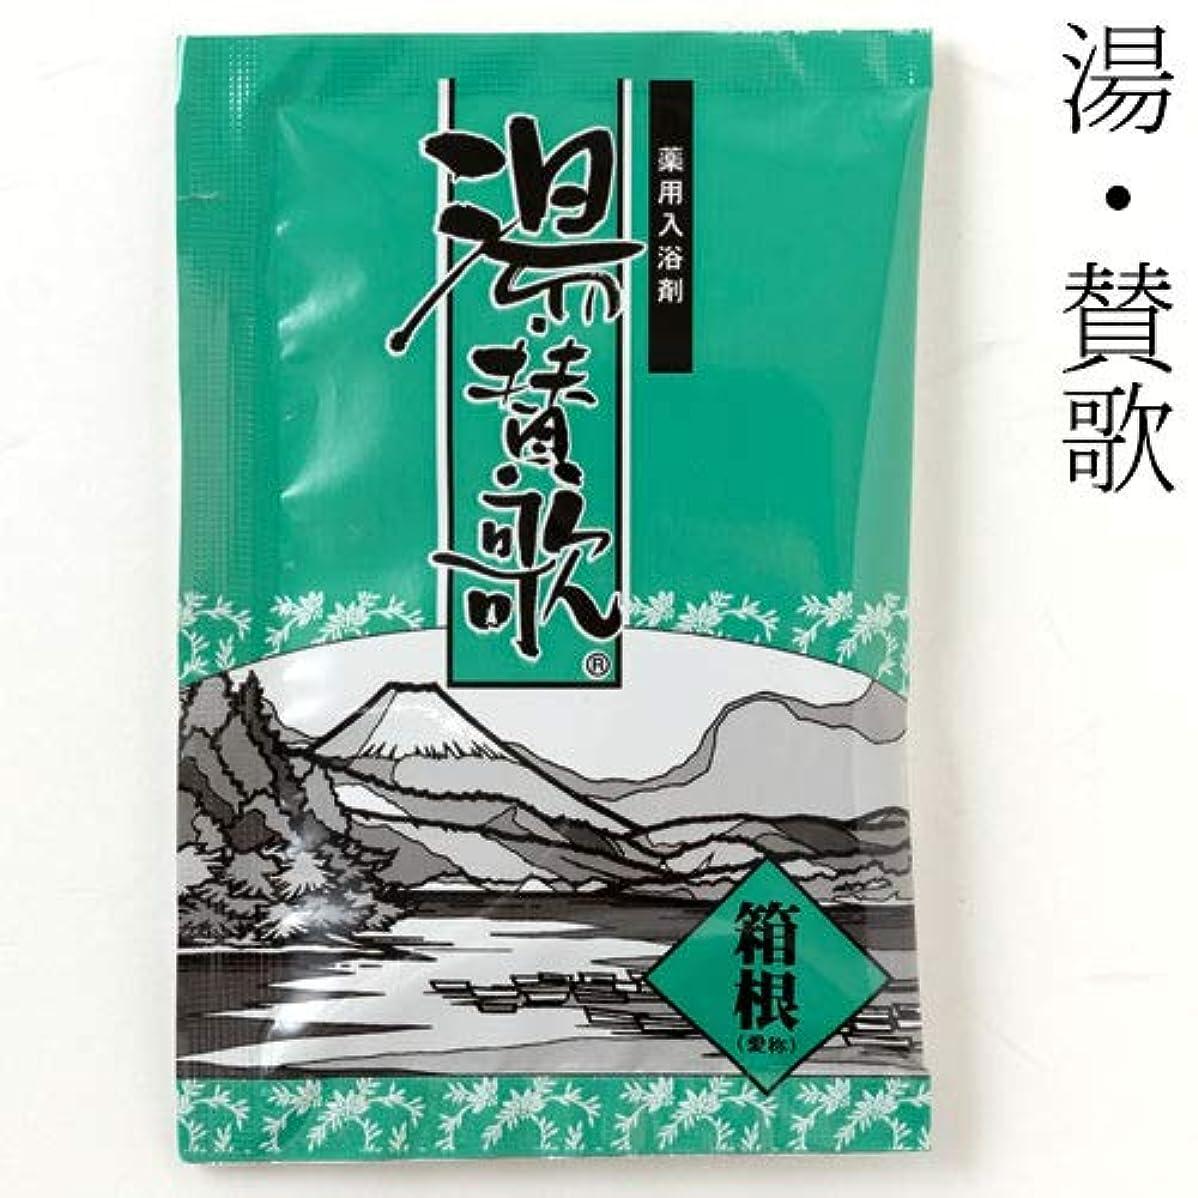 溢れんばかりの役に立たない降臨入浴剤湯?賛歌箱根1包石川県のお風呂グッズBath additive, Ishikawa craft